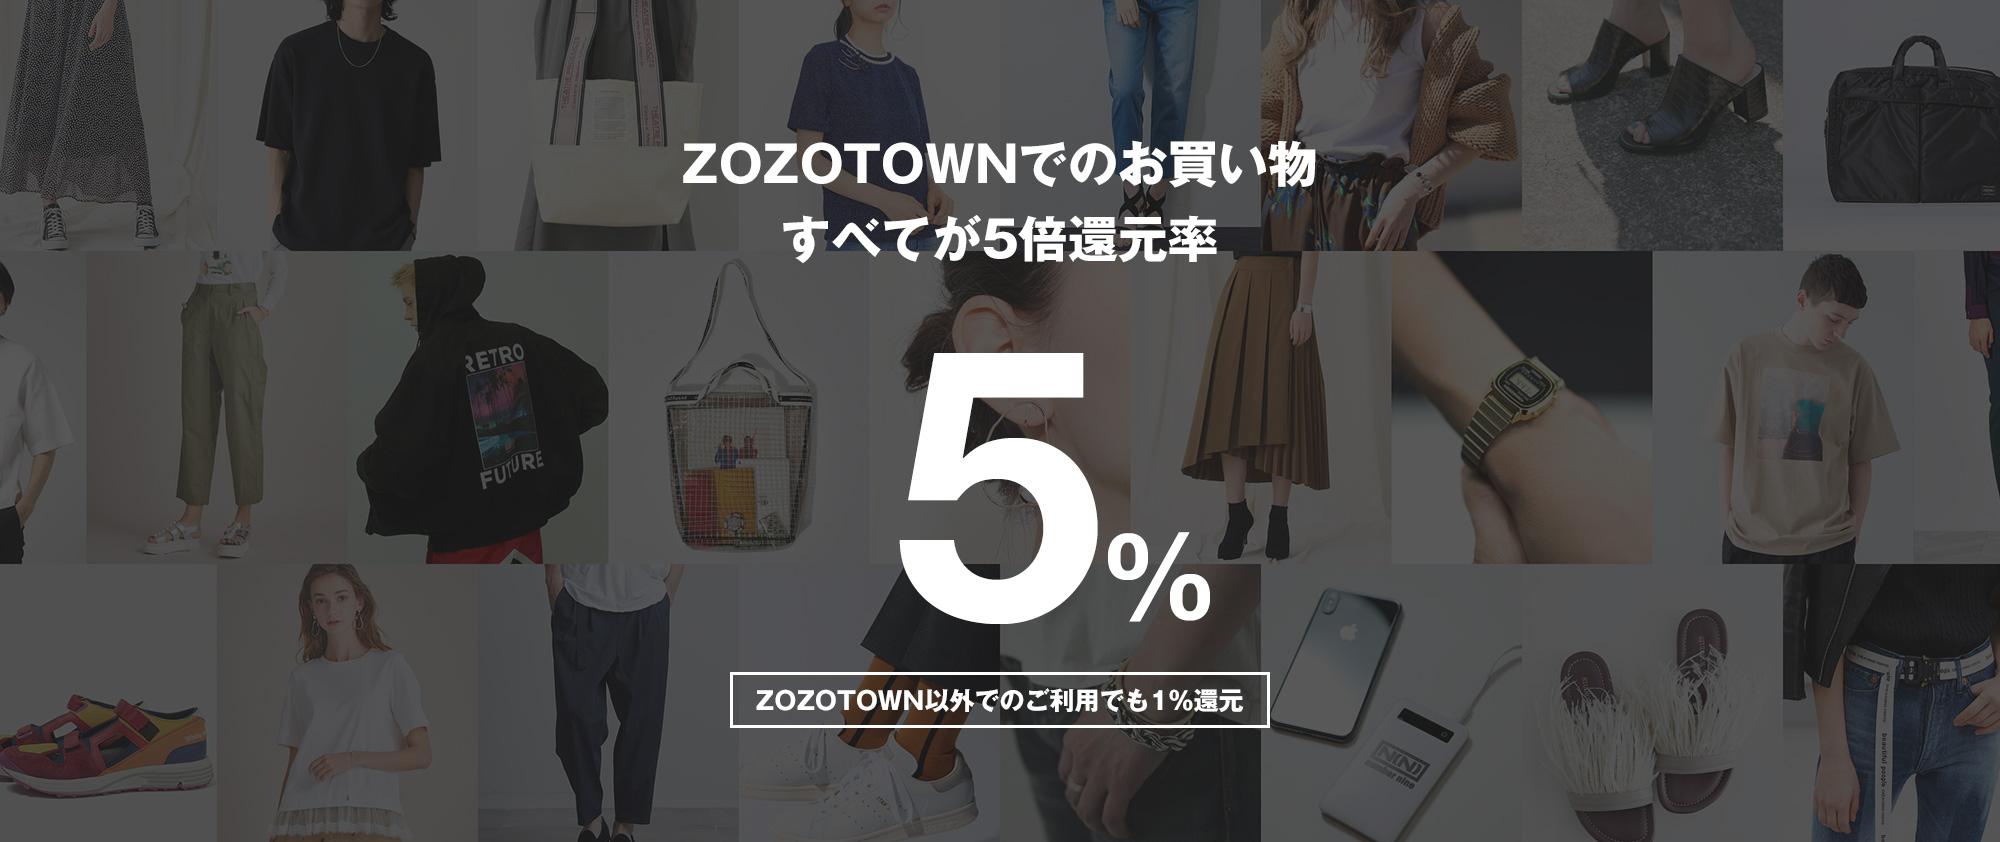 ZOZOTOWNでのお買い物がすべて5%還元